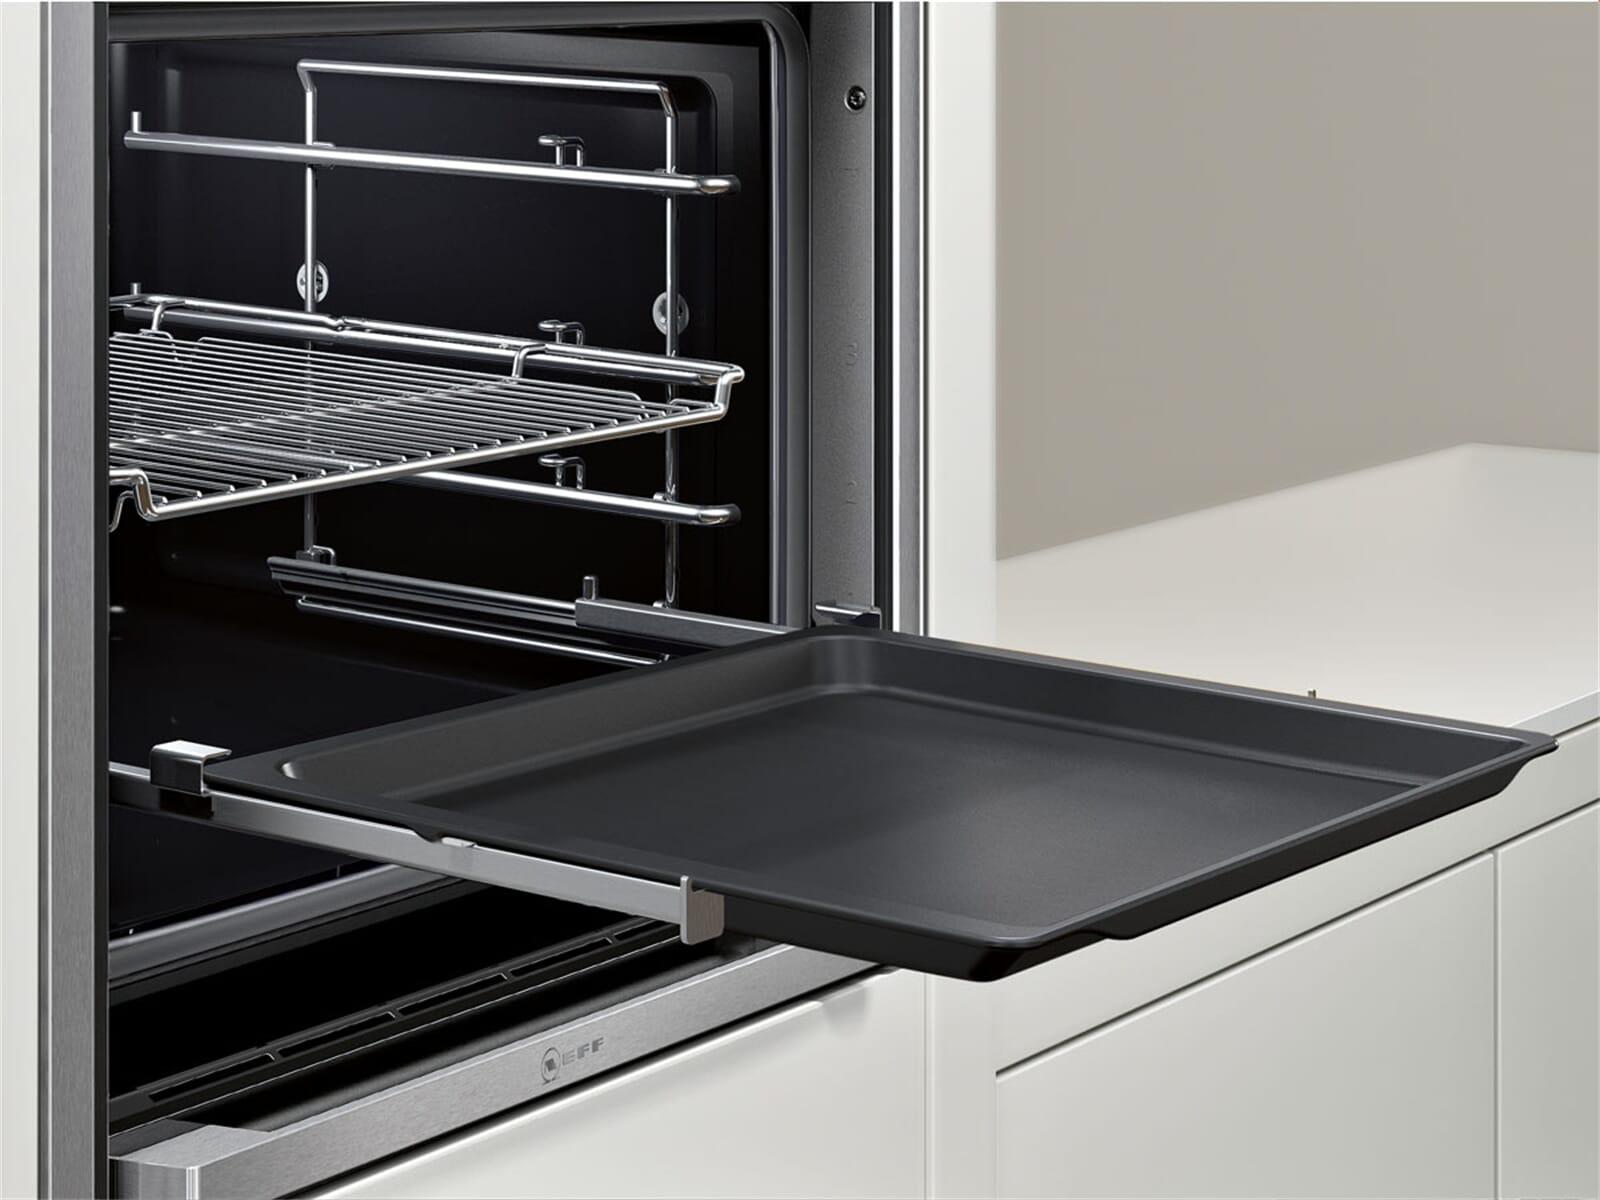 neff bcs 4524 n backofen edelstahl. Black Bedroom Furniture Sets. Home Design Ideas